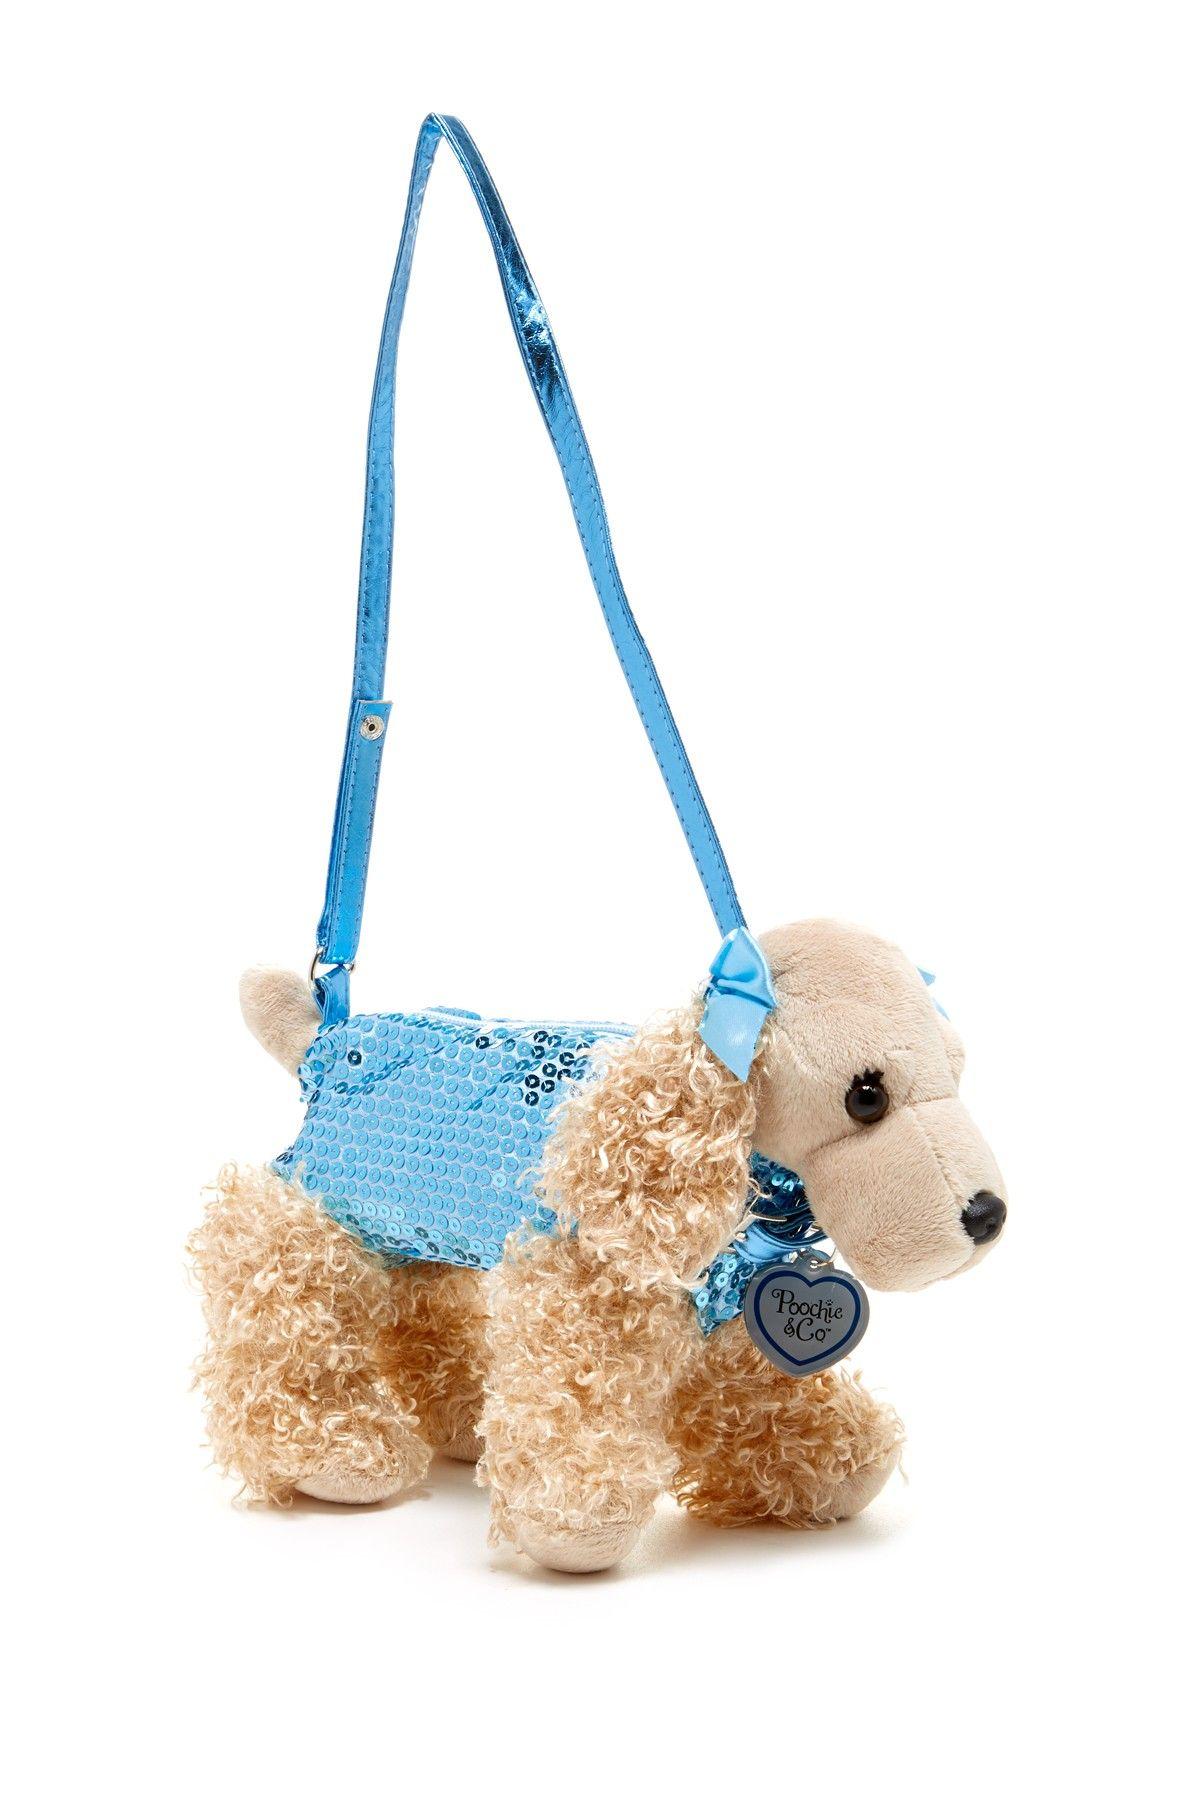 bf19cb6cdb0d Poochies | Sadie Plush Dog Purse | Shaped Bags | Dog purse, Dogs, Purses